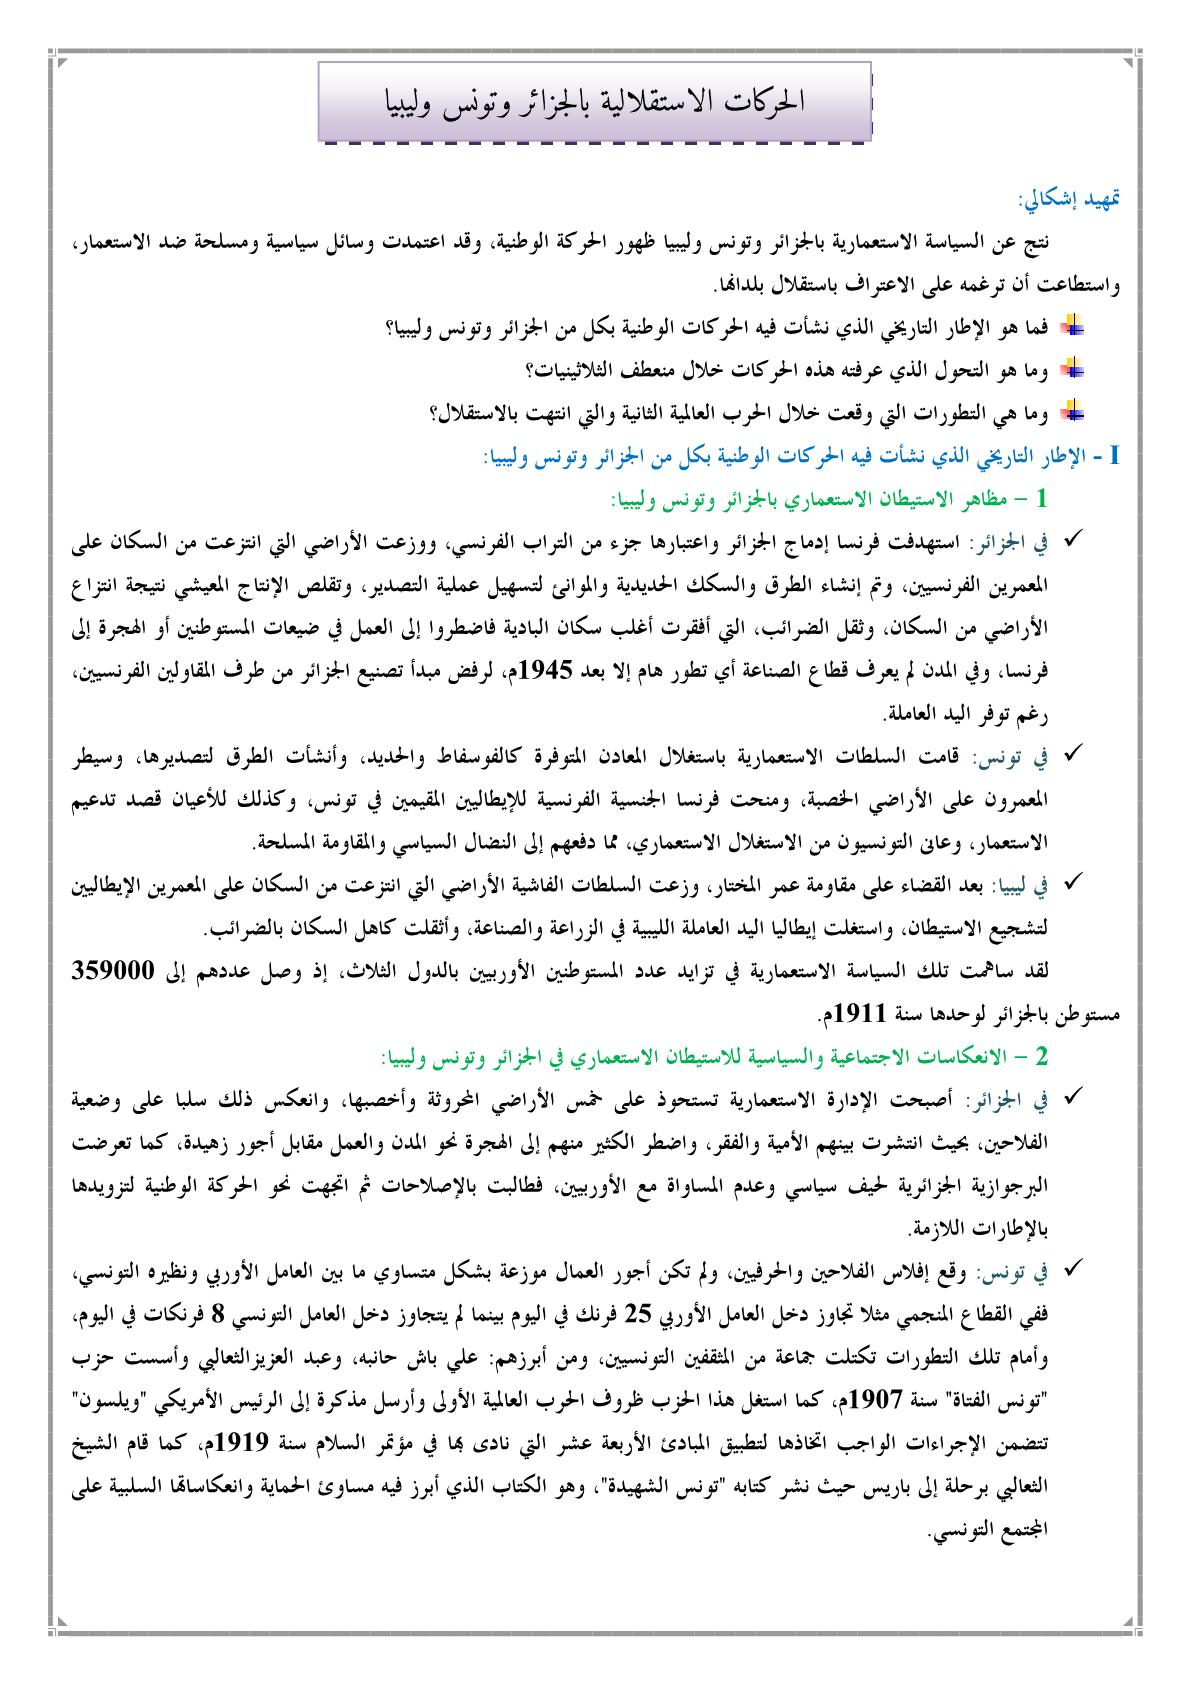 درس الحركات الاستقلالية بالجزائر وتونس وليبيا الثانية باكالوريا مسلك الآداب